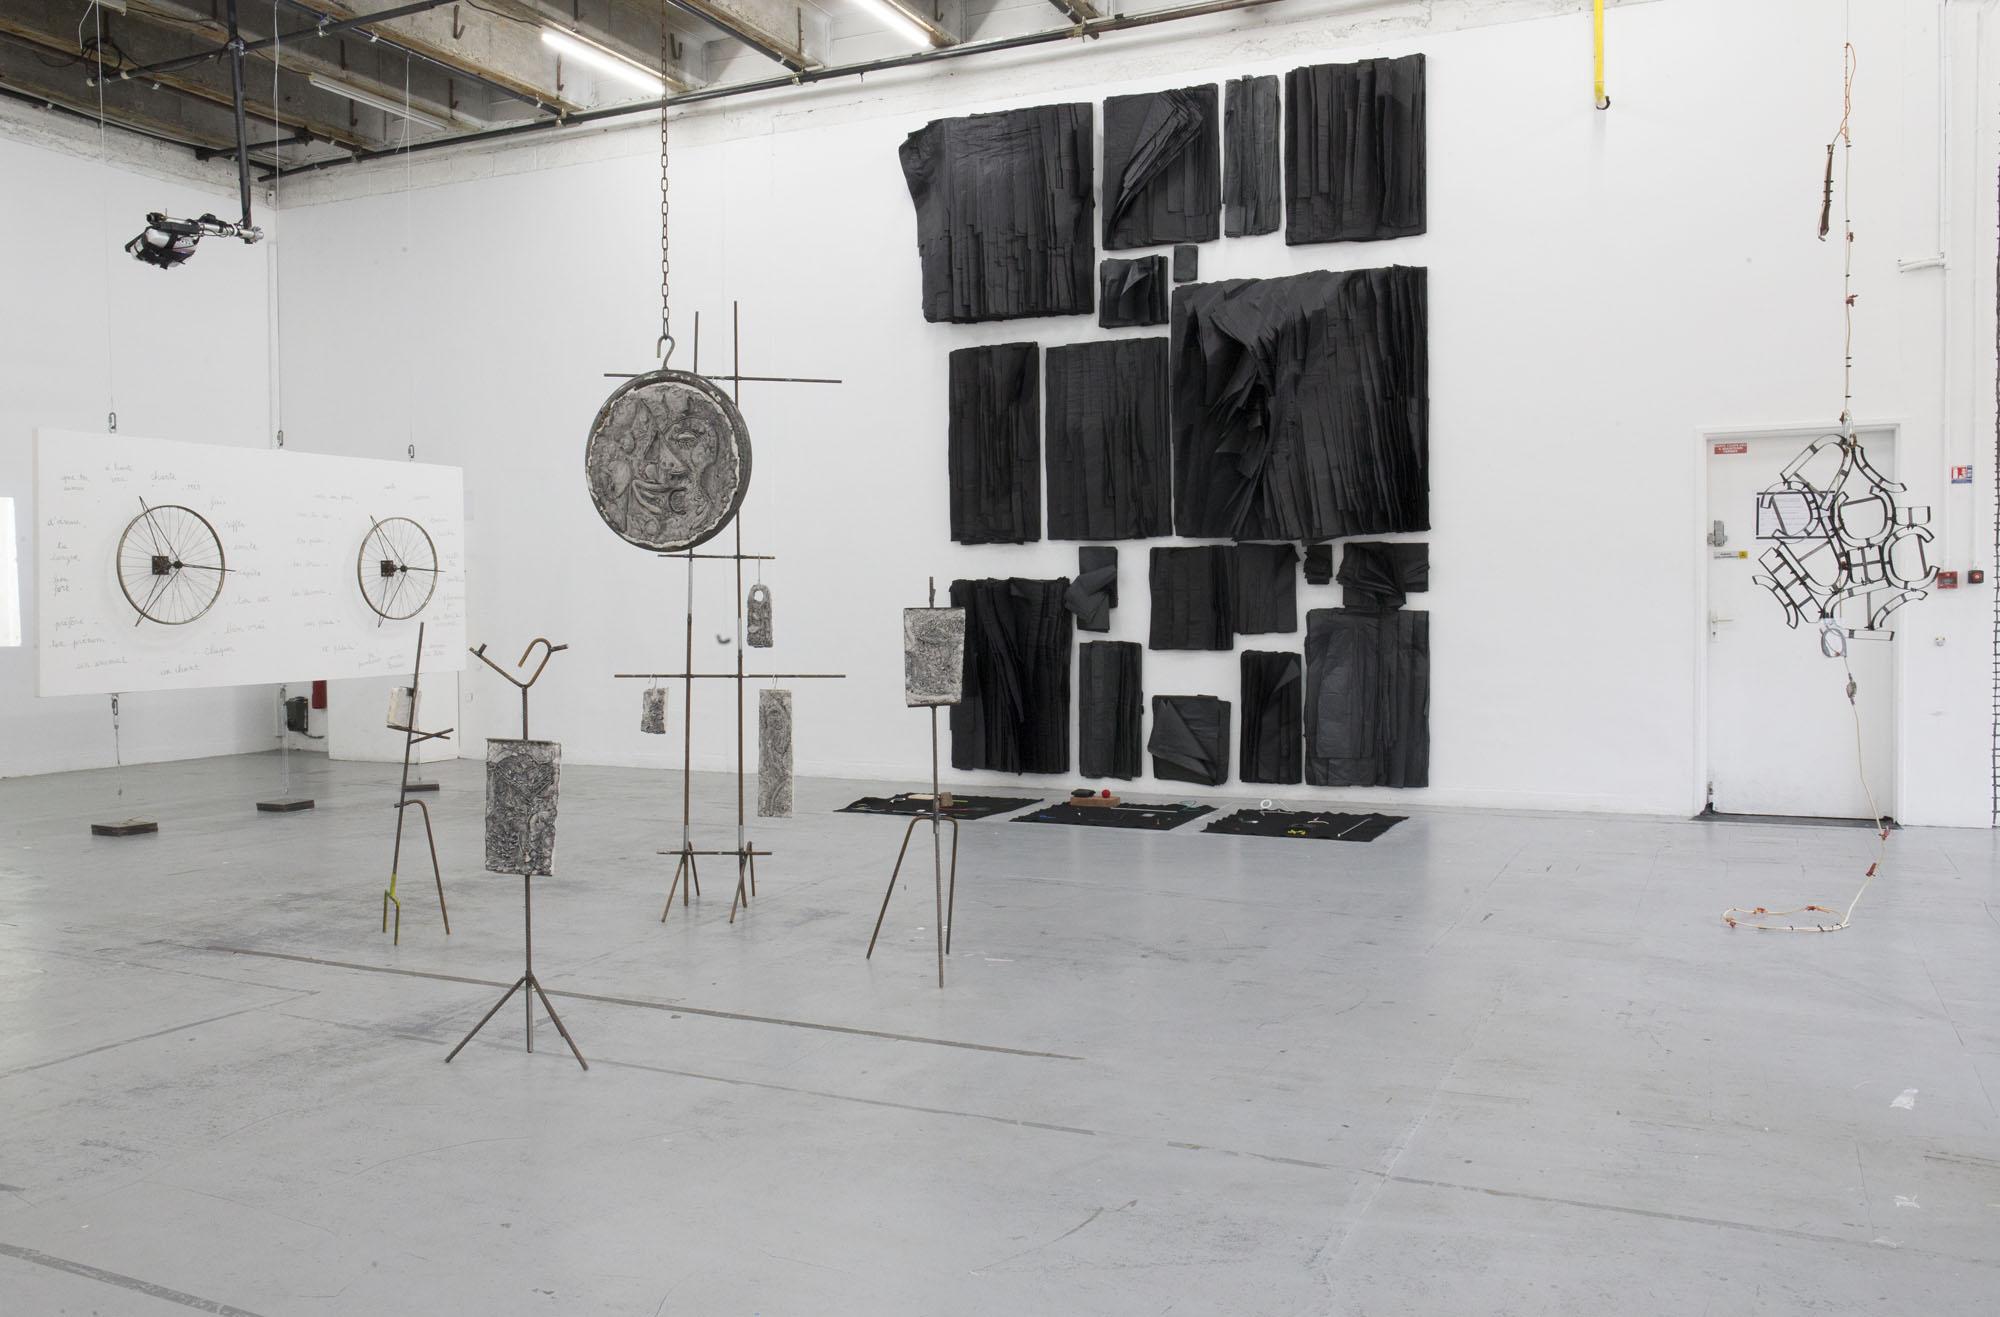 5_Quart d'heure américain - heiwata - Mains d'Oeuvres - Exhibition views.jpg